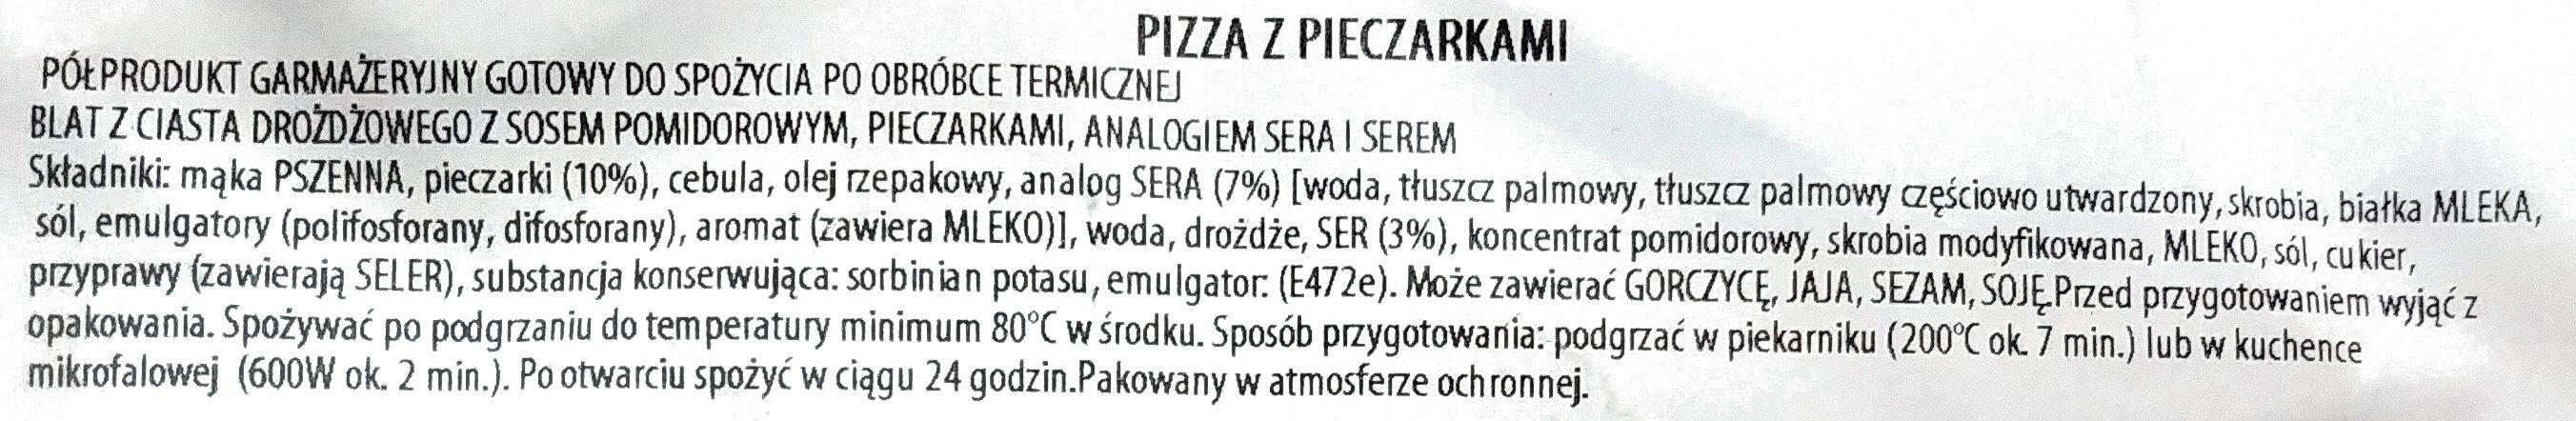 Pizza z pieczarkami - Składniki - pl